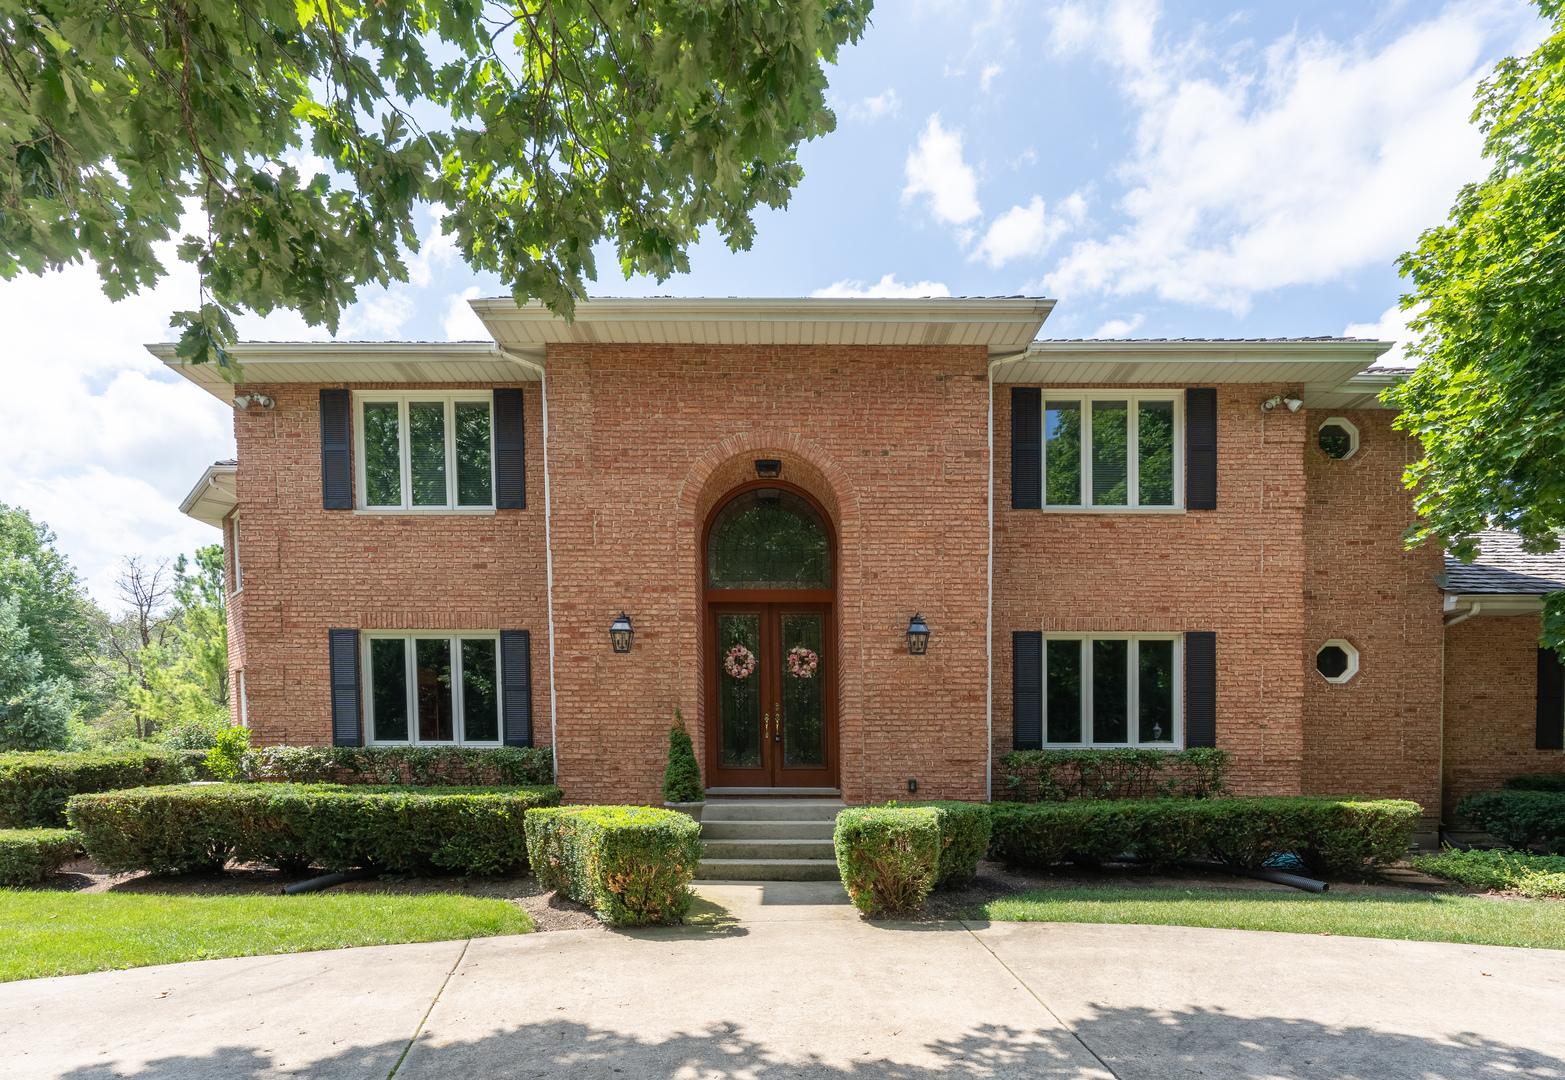 4152 Wildwood Lane, Long Grove, Illinois 60047